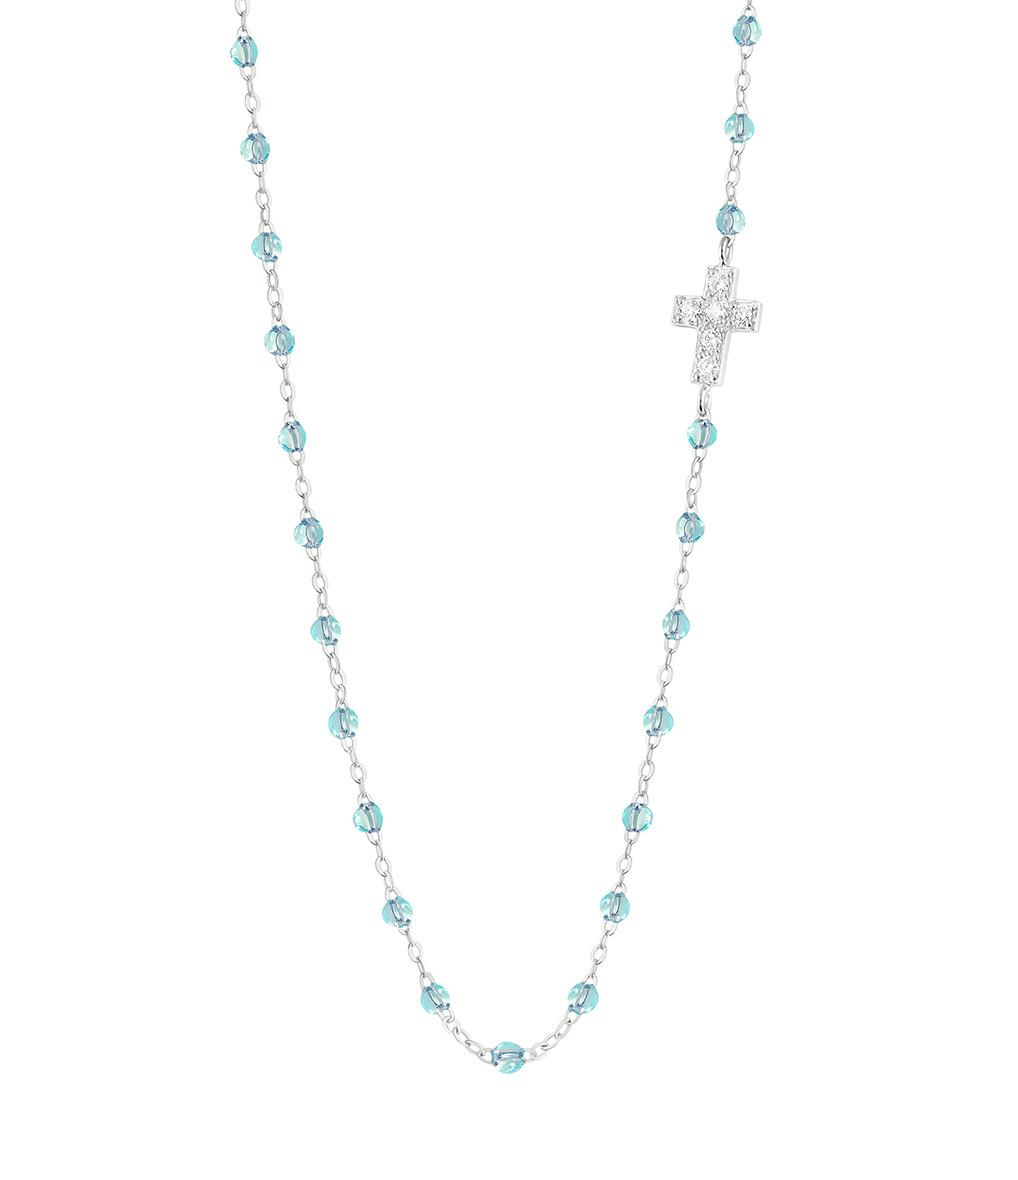 GIGI CLOZEAU - Collier Intra Croix Perles Résine Or Diamants